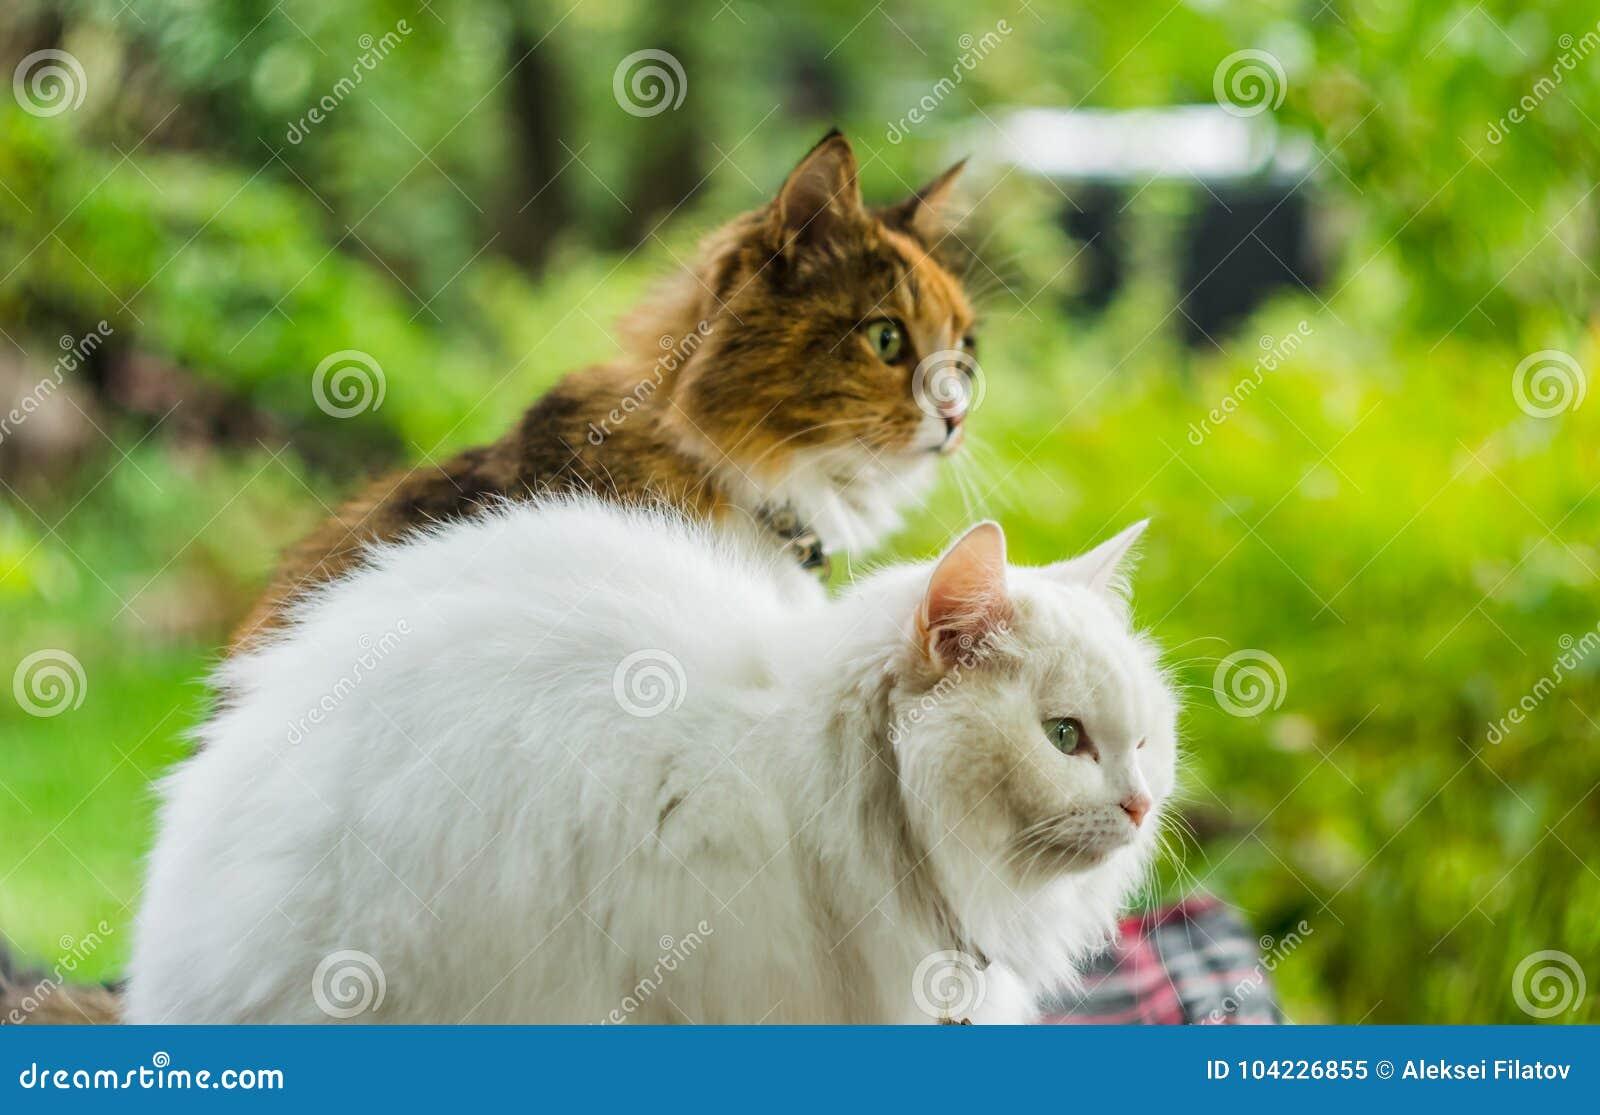 Zwei Katzen Weiß und Farbe